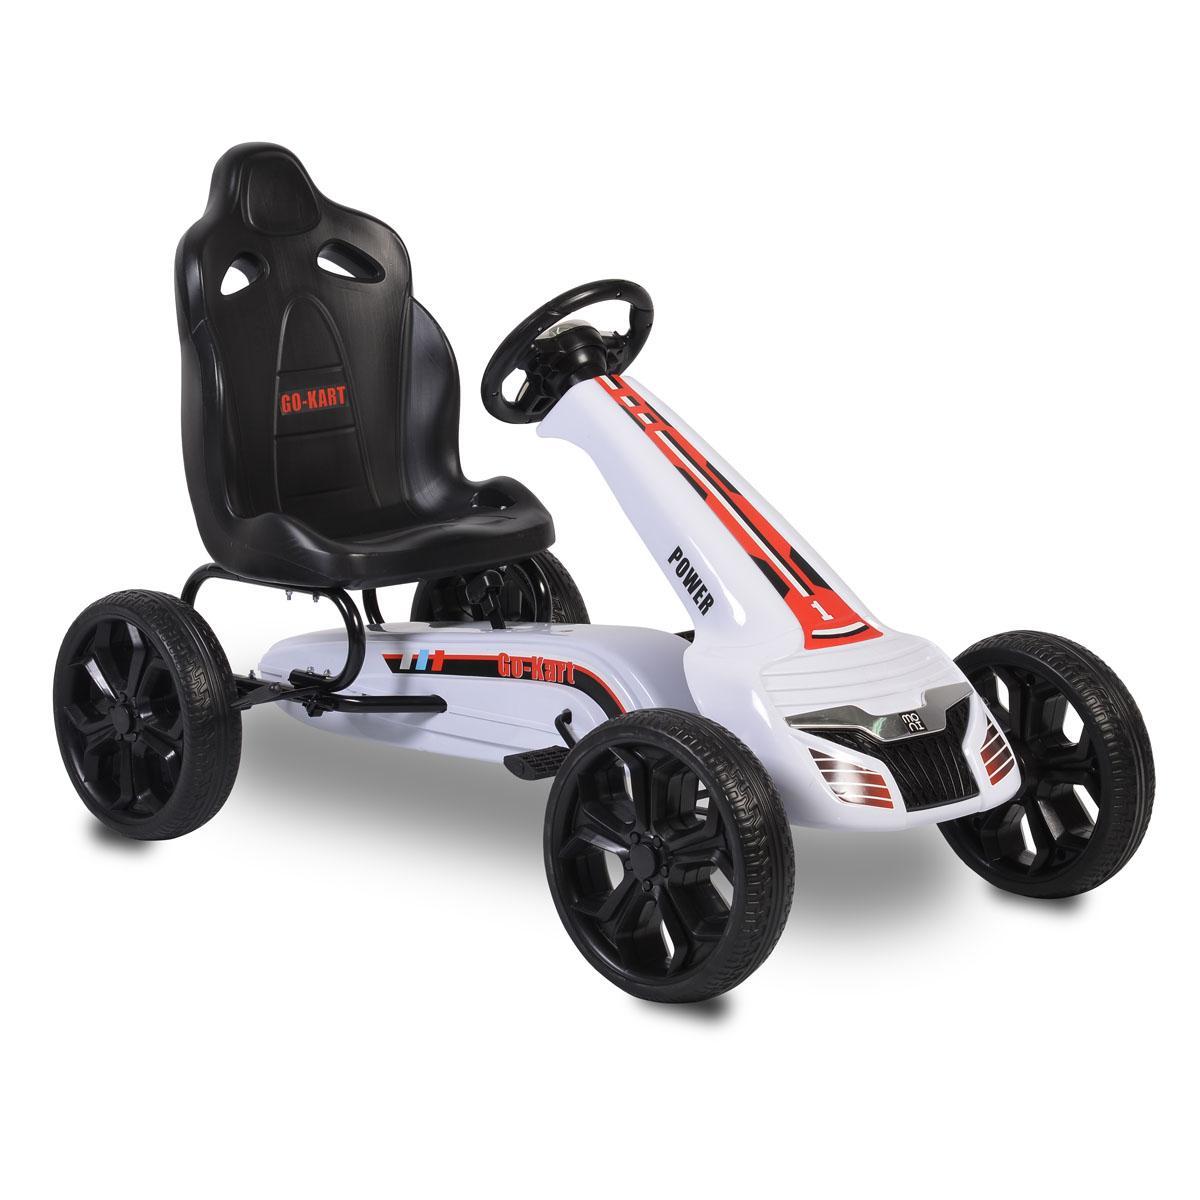 Παιδικό αυτοκινητάκι με πετάλια Go Cart Olympus white TL6988A Cangaroo